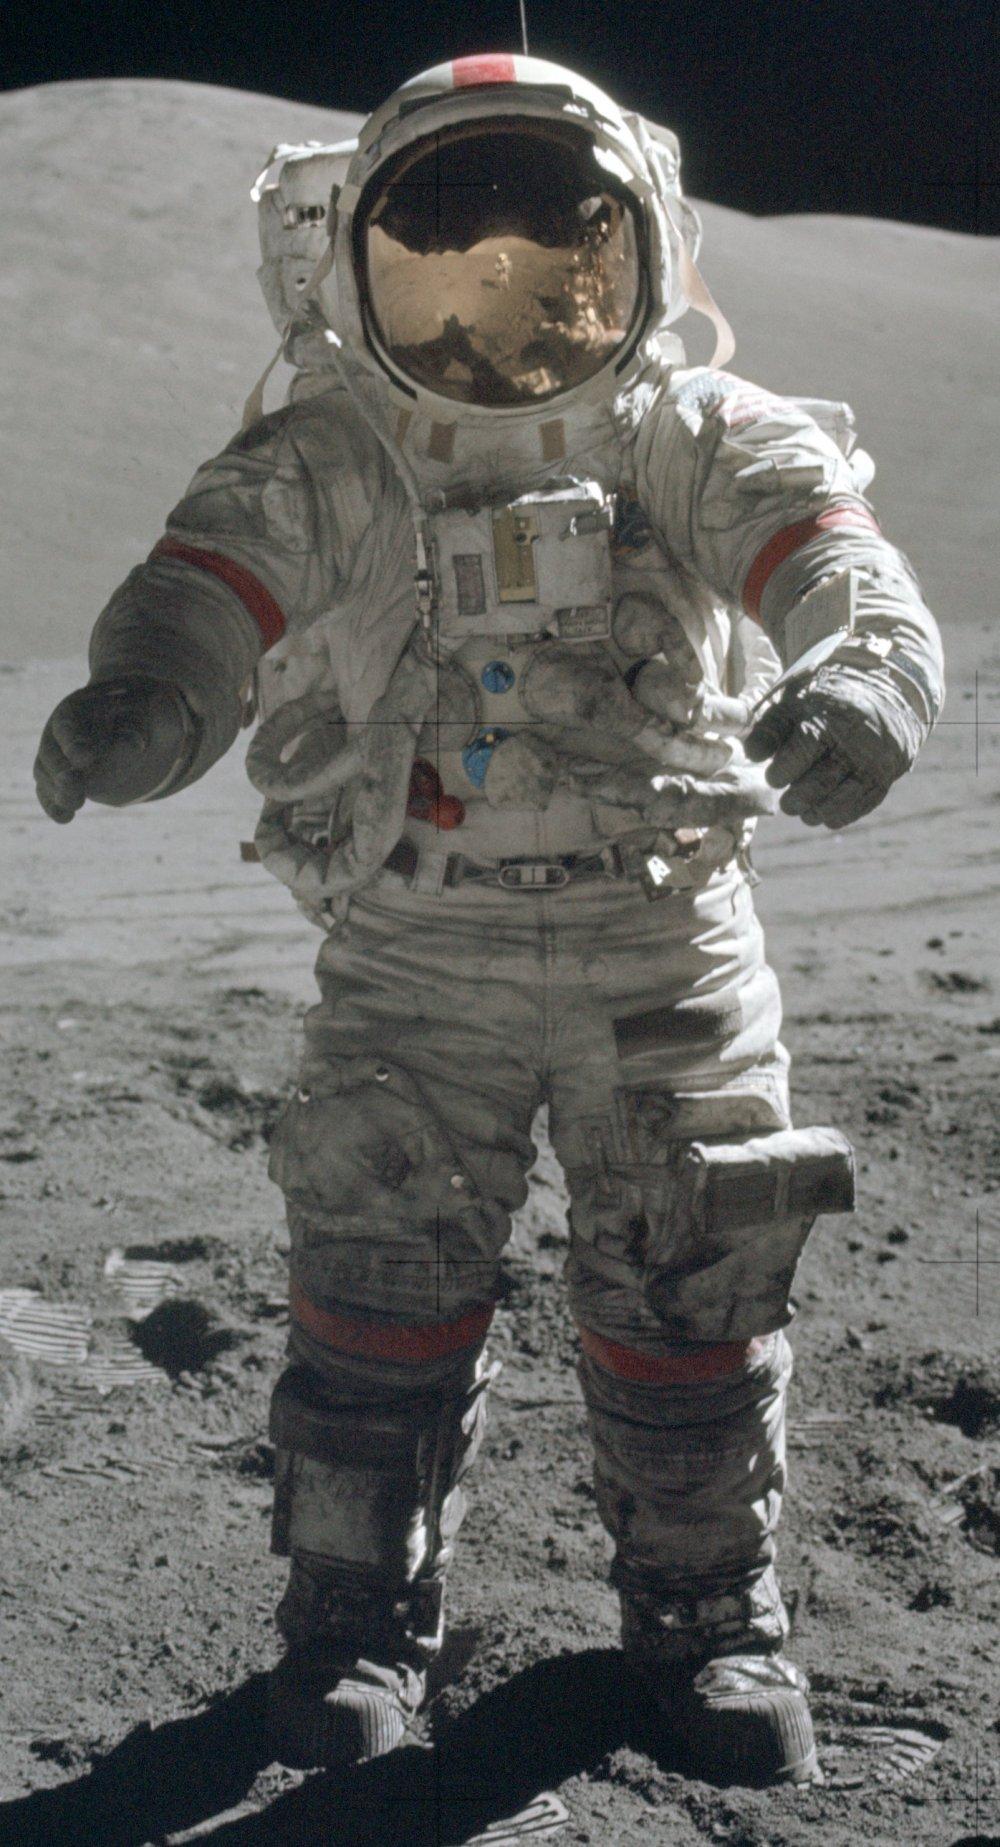 Apollo 17 – Cernan on moon